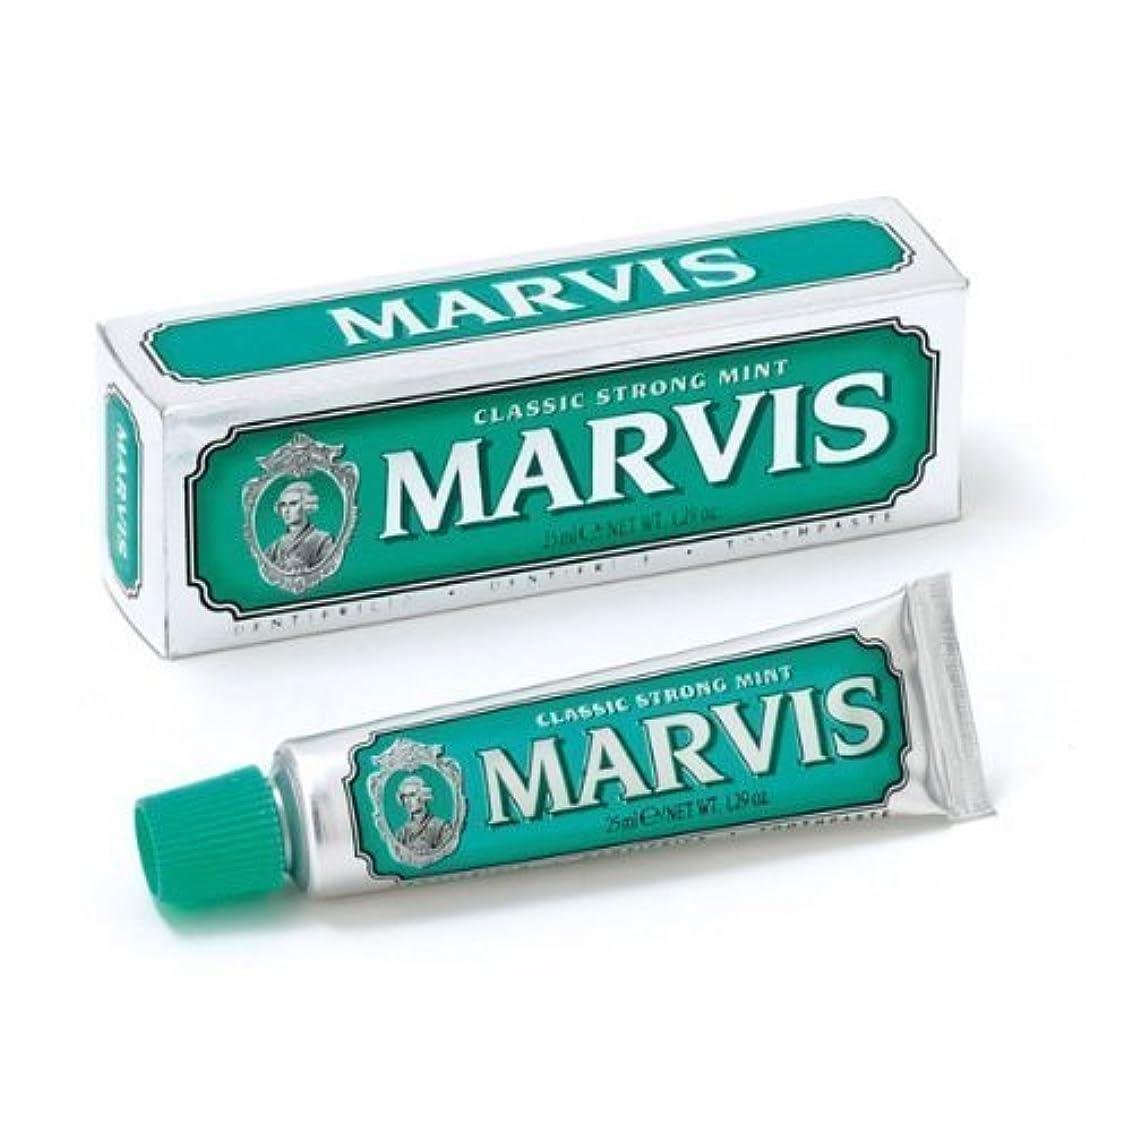 ミリメーター衝突する上へMarvis Toothpaste - Classic Strong Mint 25ml Travel Size - 4 PACK by Marvis [並行輸入品]